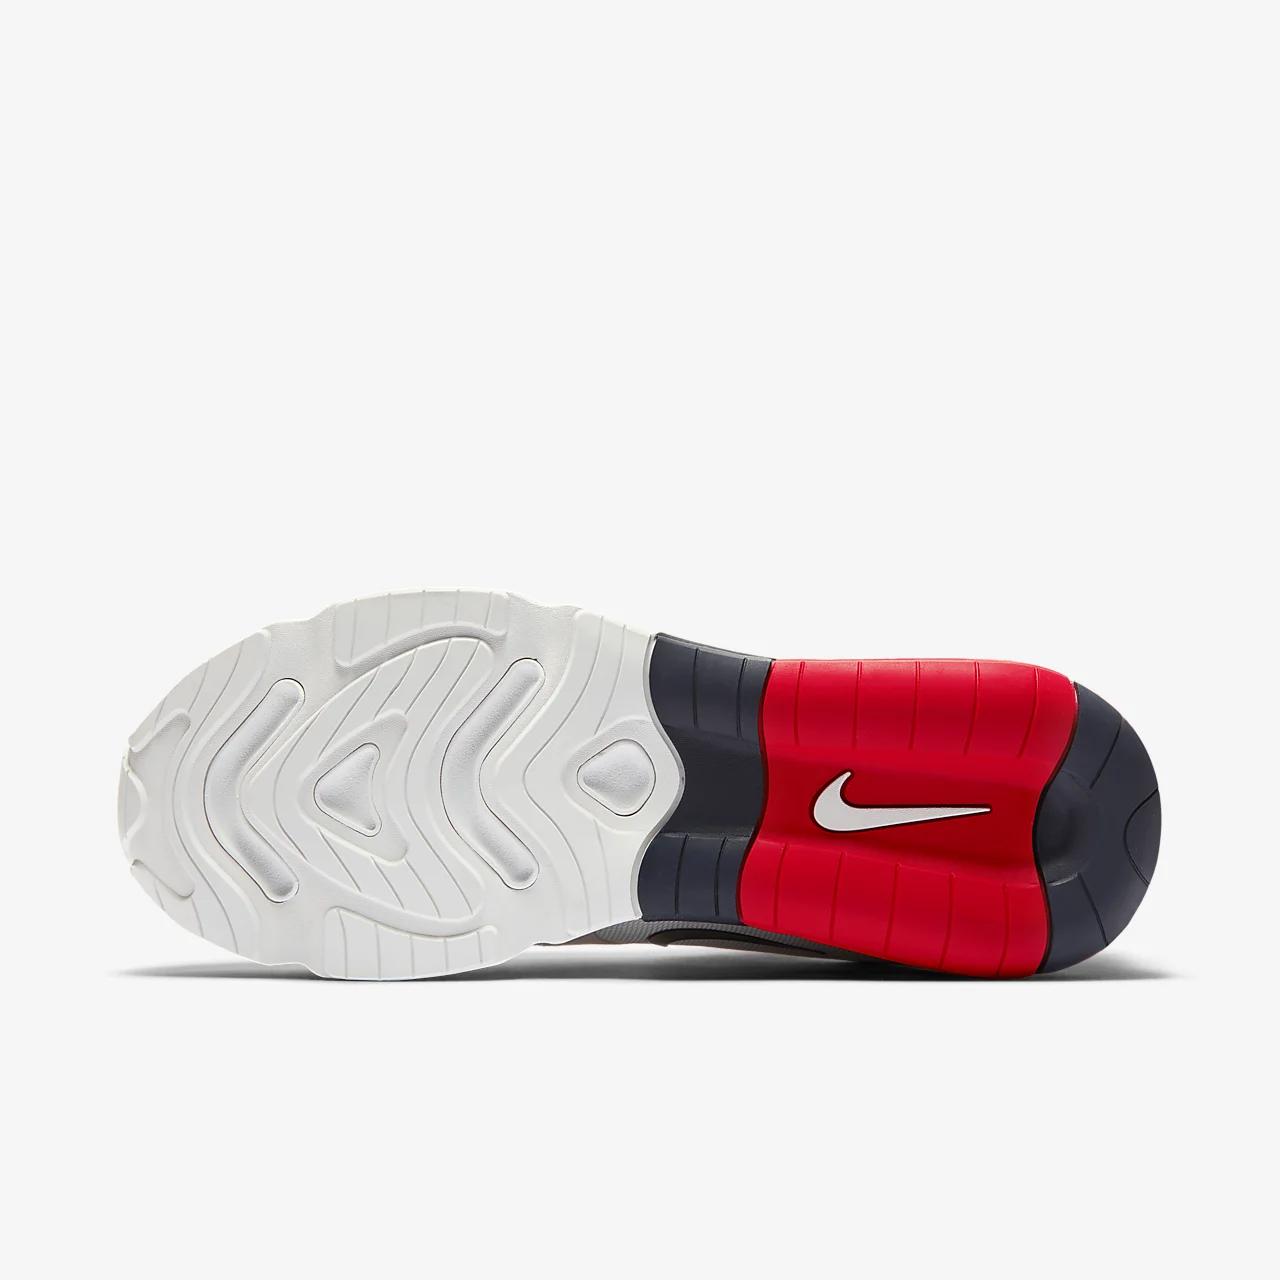 나이키 에어 맥스 200 남성 신발 CT1262-101